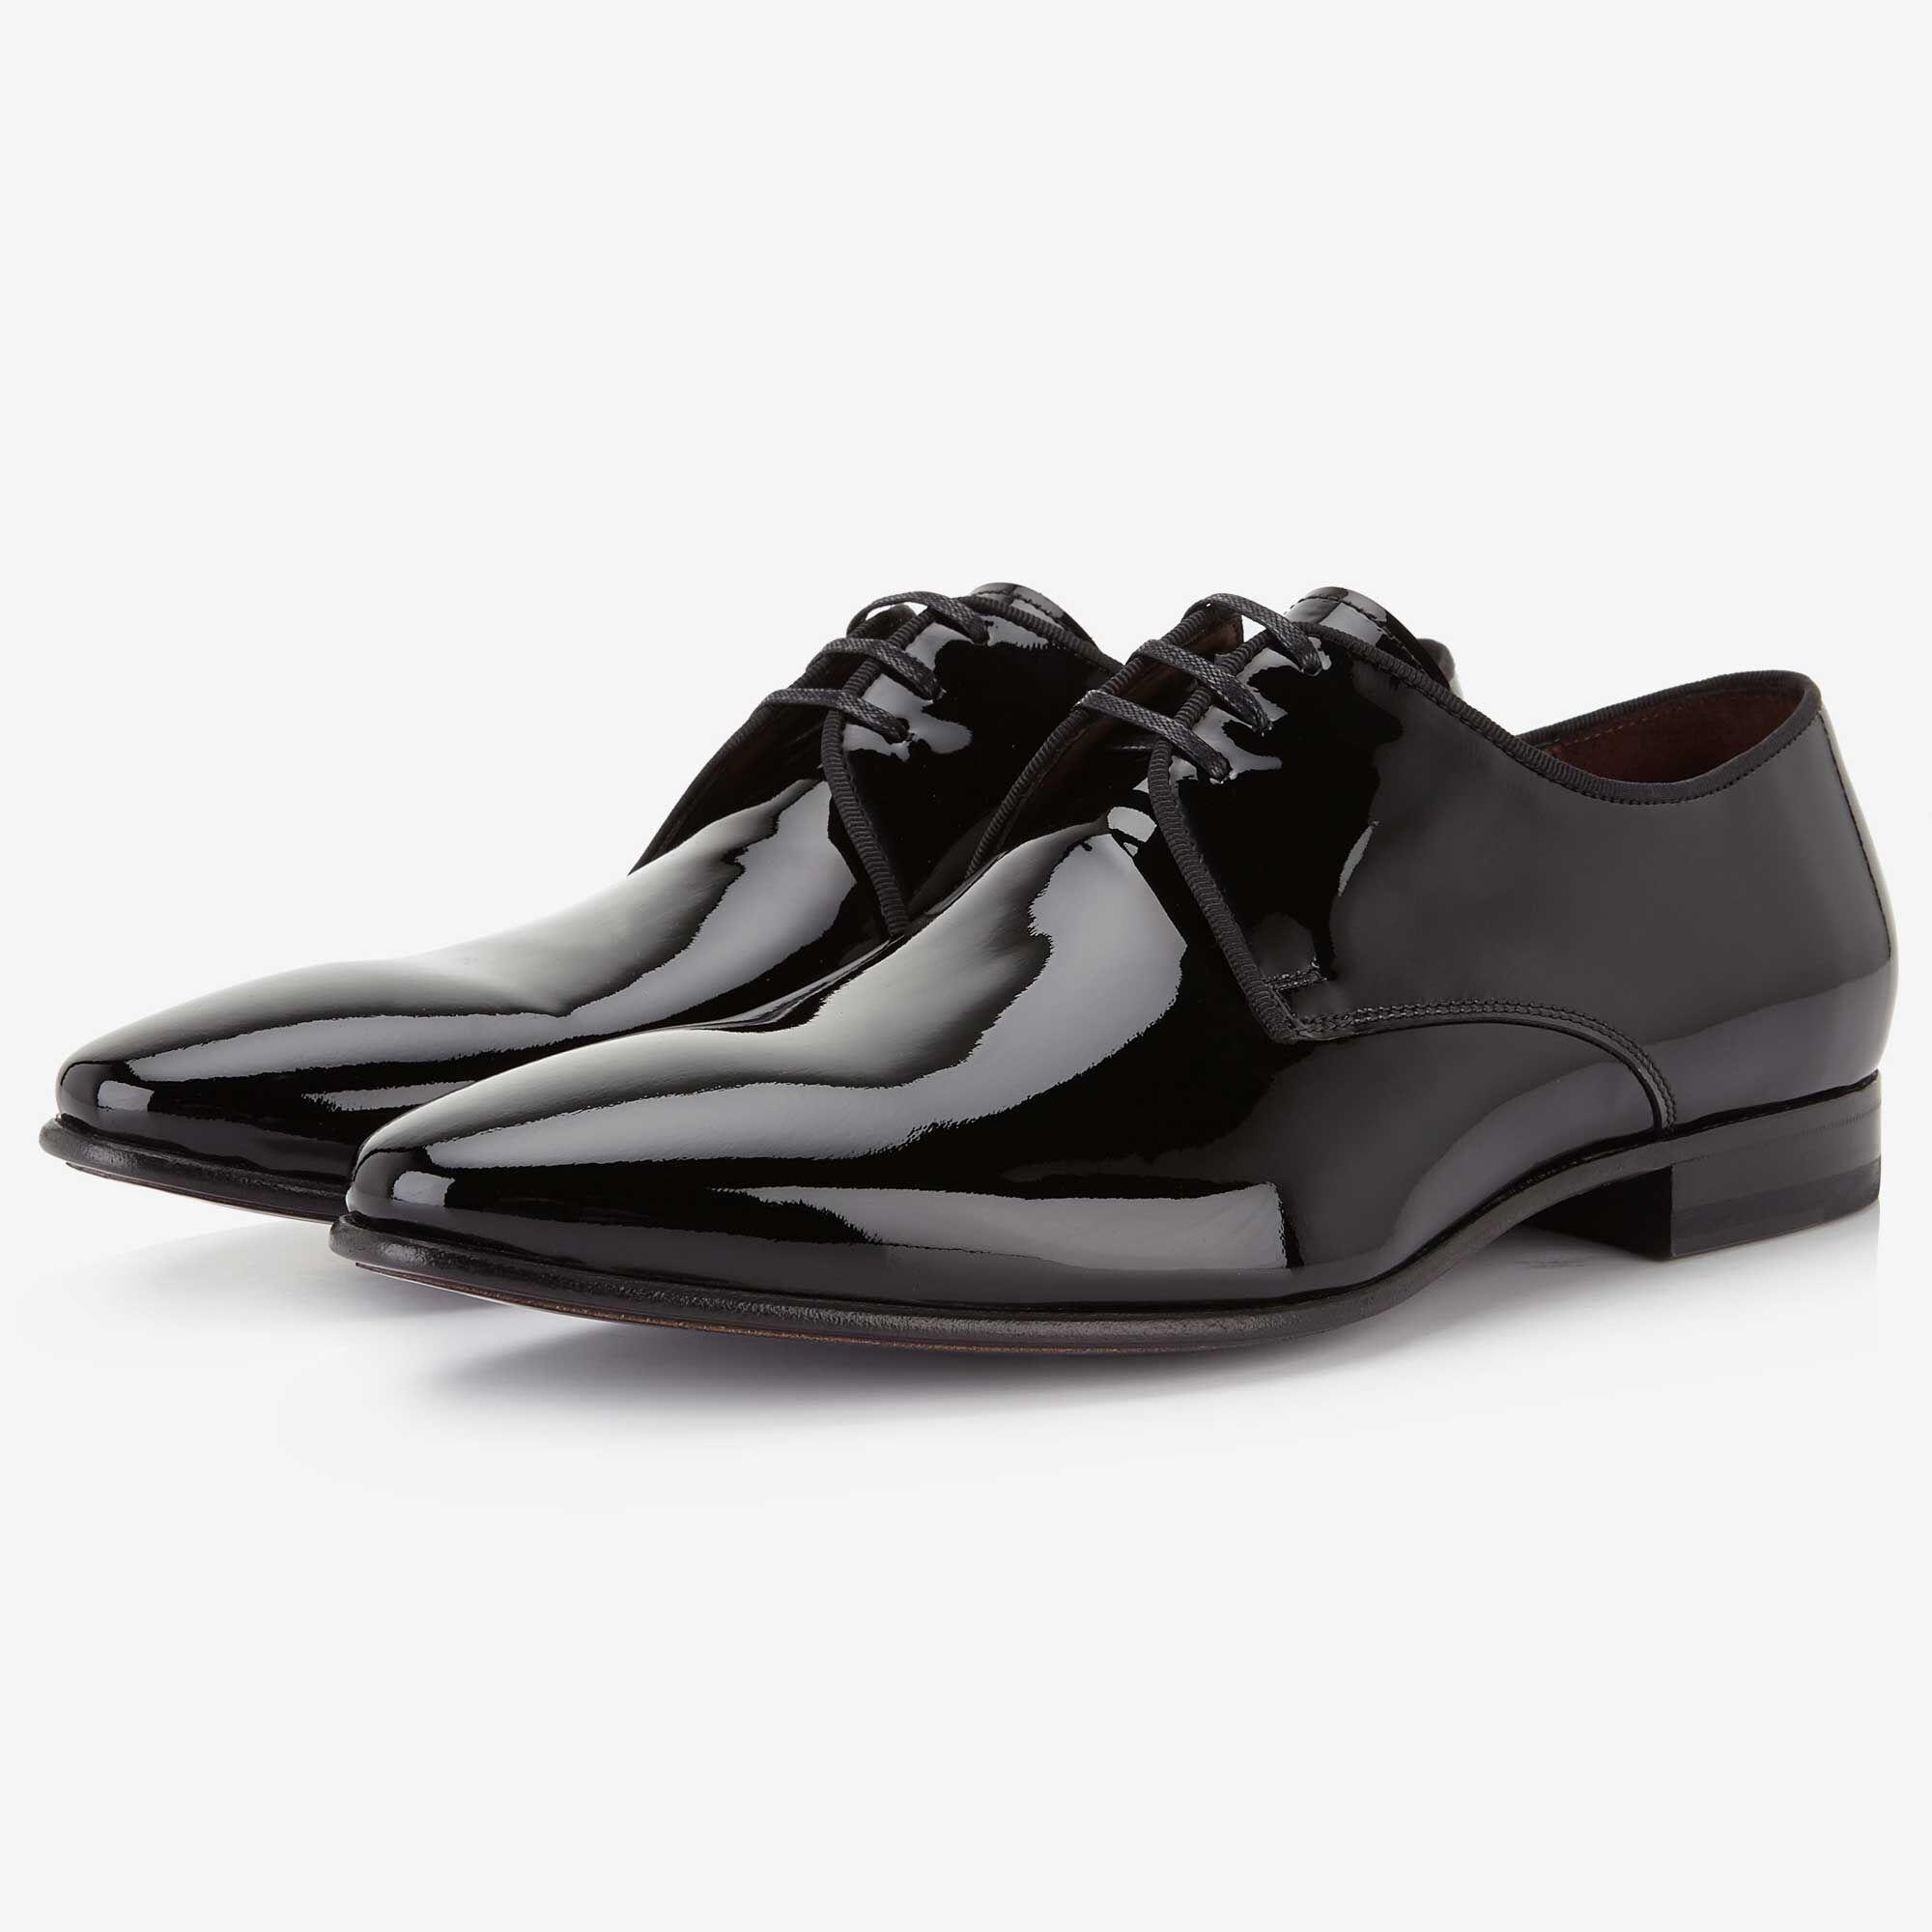 Chaussures Hommes Verni Noir Tw511tc7X